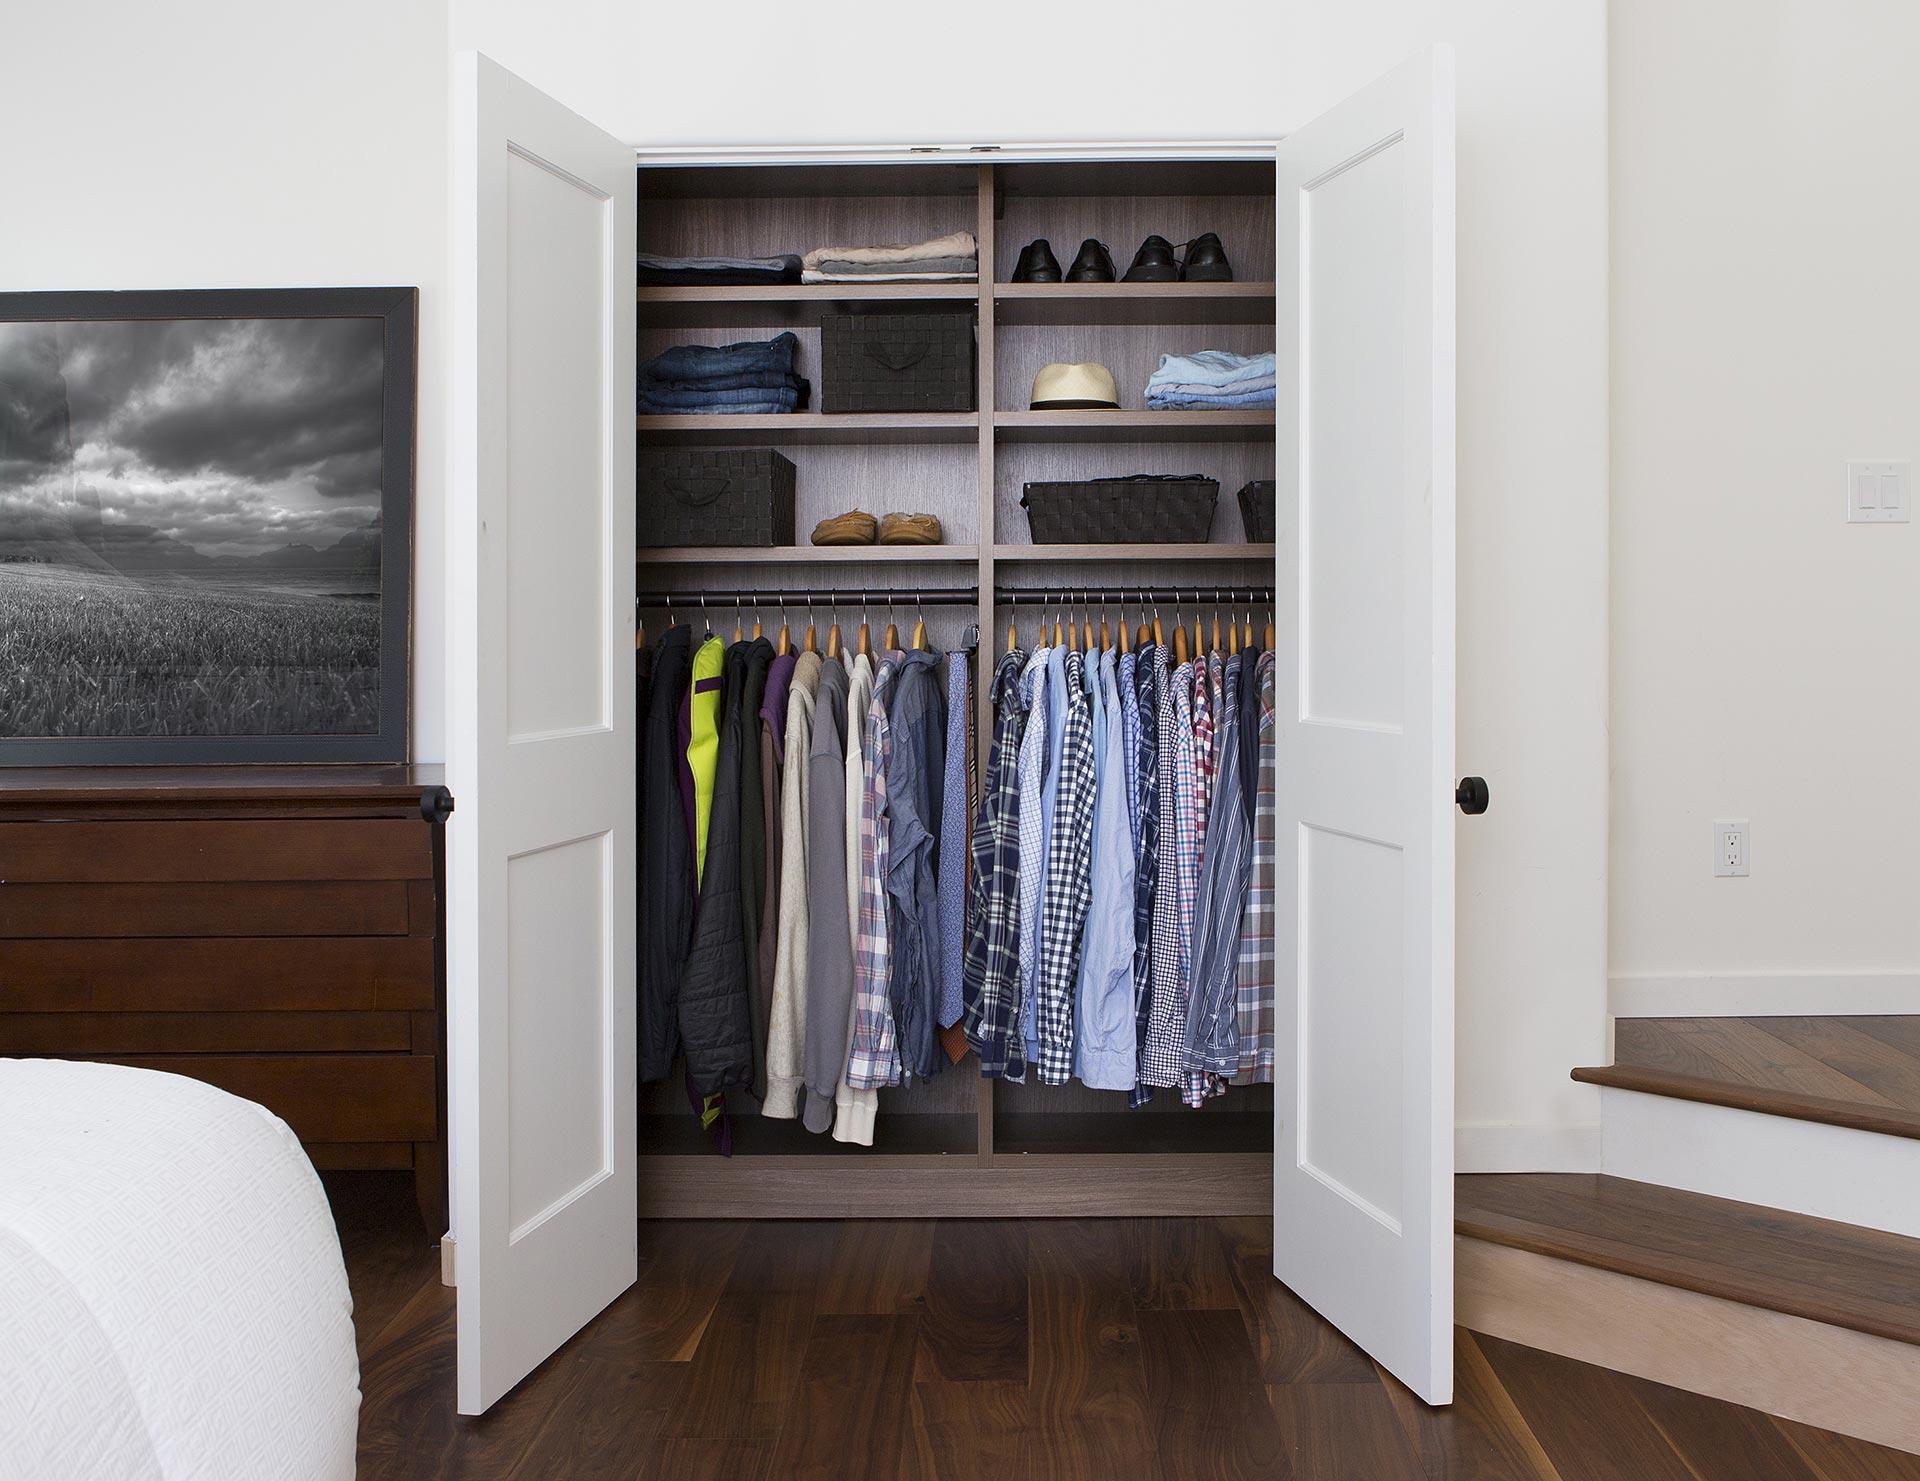 Reach In Closet Ideas By California Closets